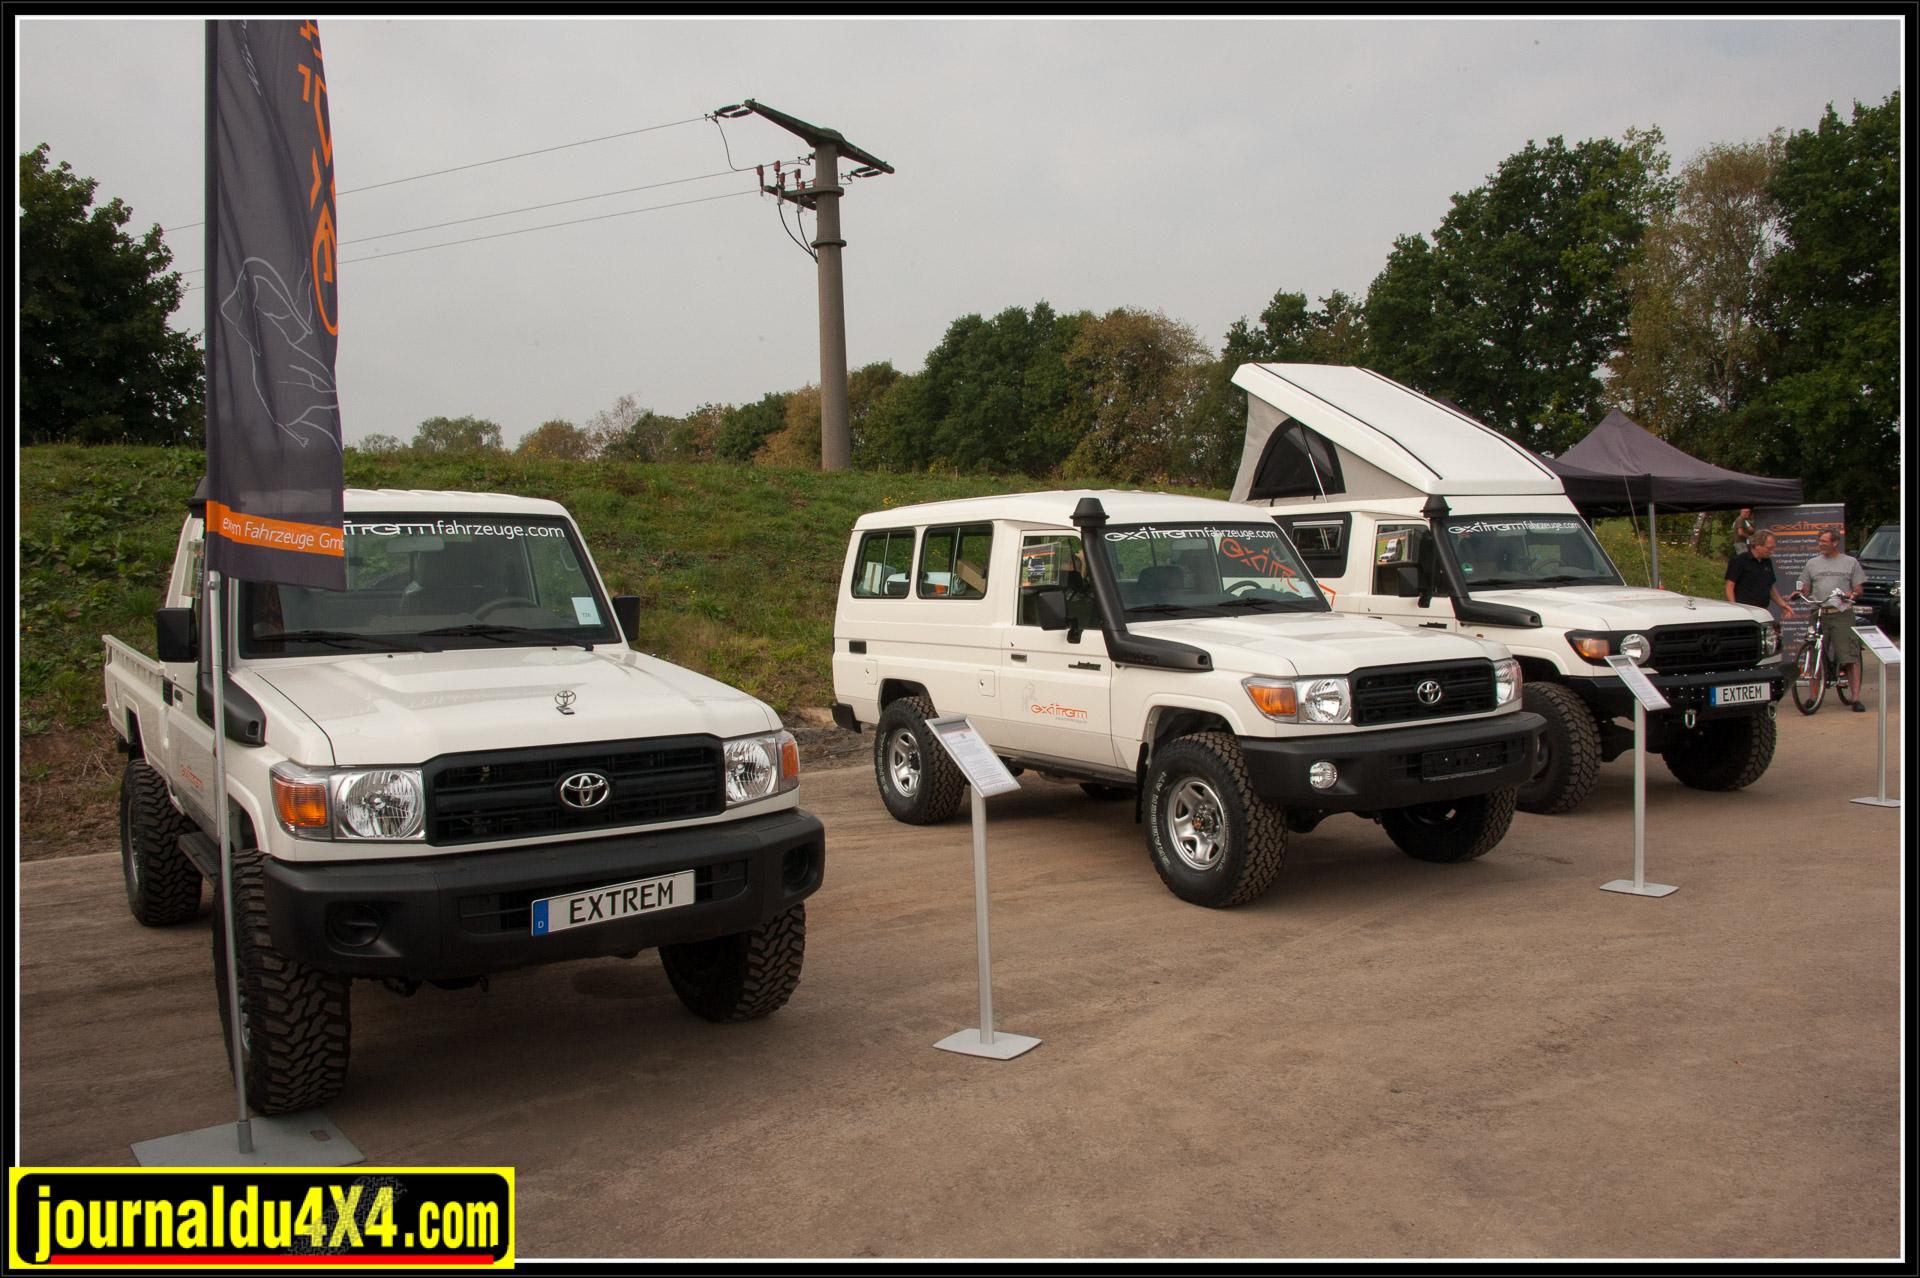 Extrem Fahrzeuge qui expose toute la gamme des séries 7 sans oublier un FJ Cruiser tout neuf.